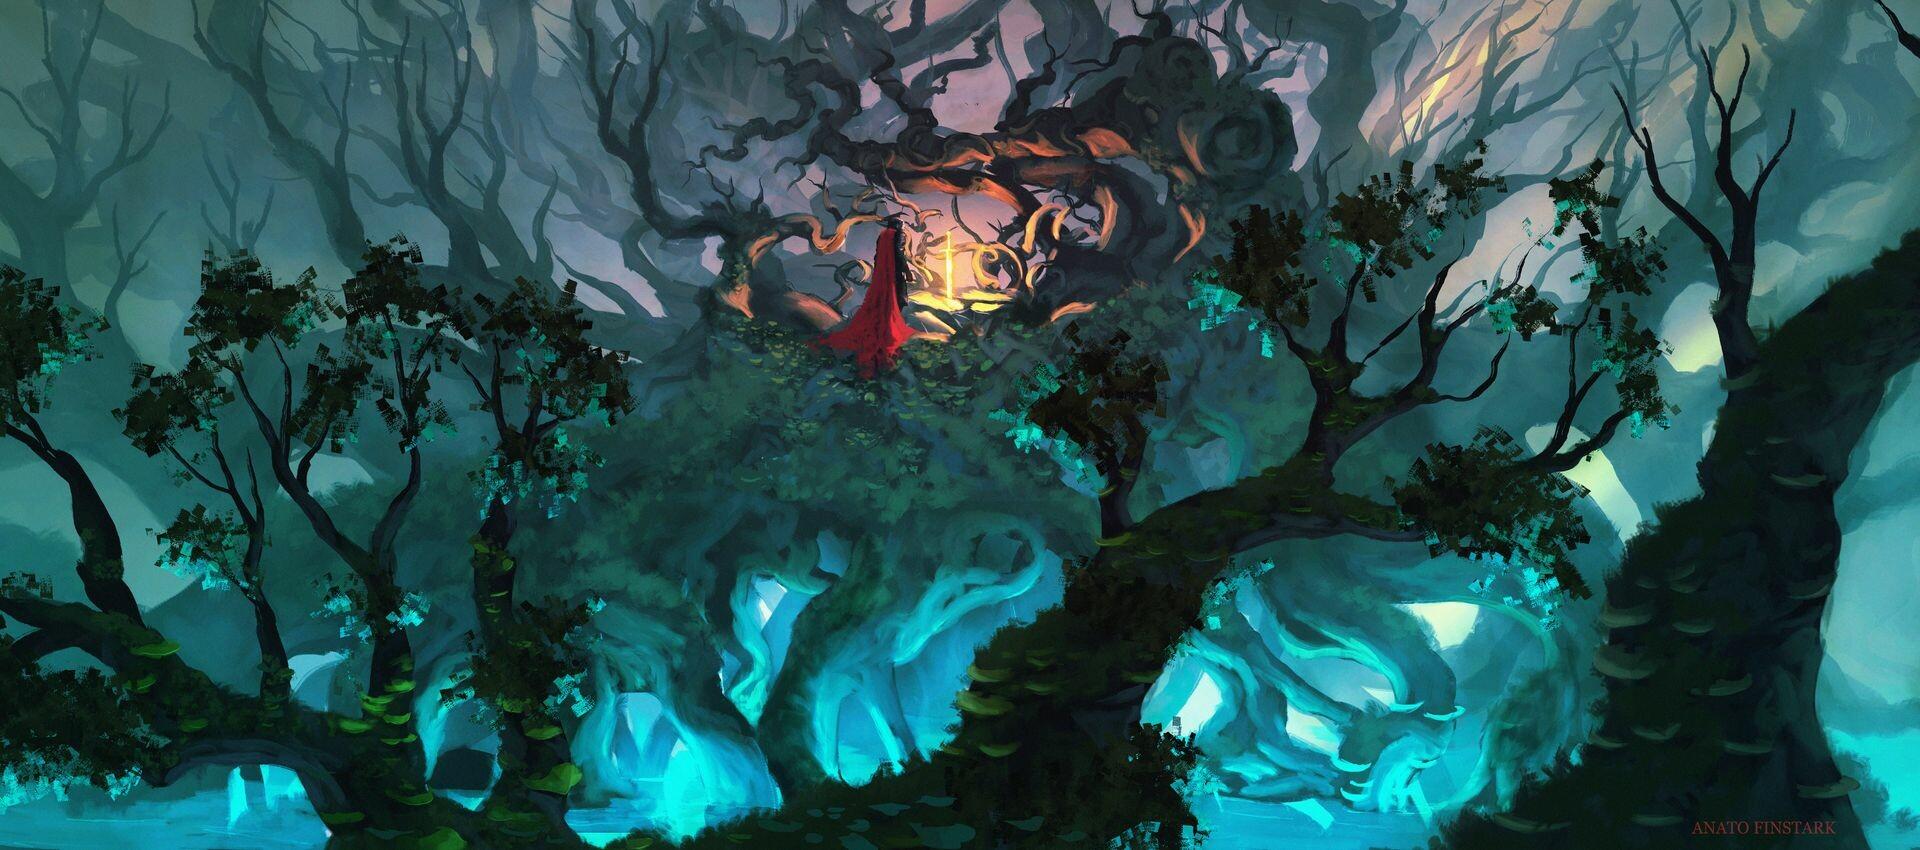 Anato finnstark the lost knight log number 4 by anatofinnstark dd9rhn5 fullview